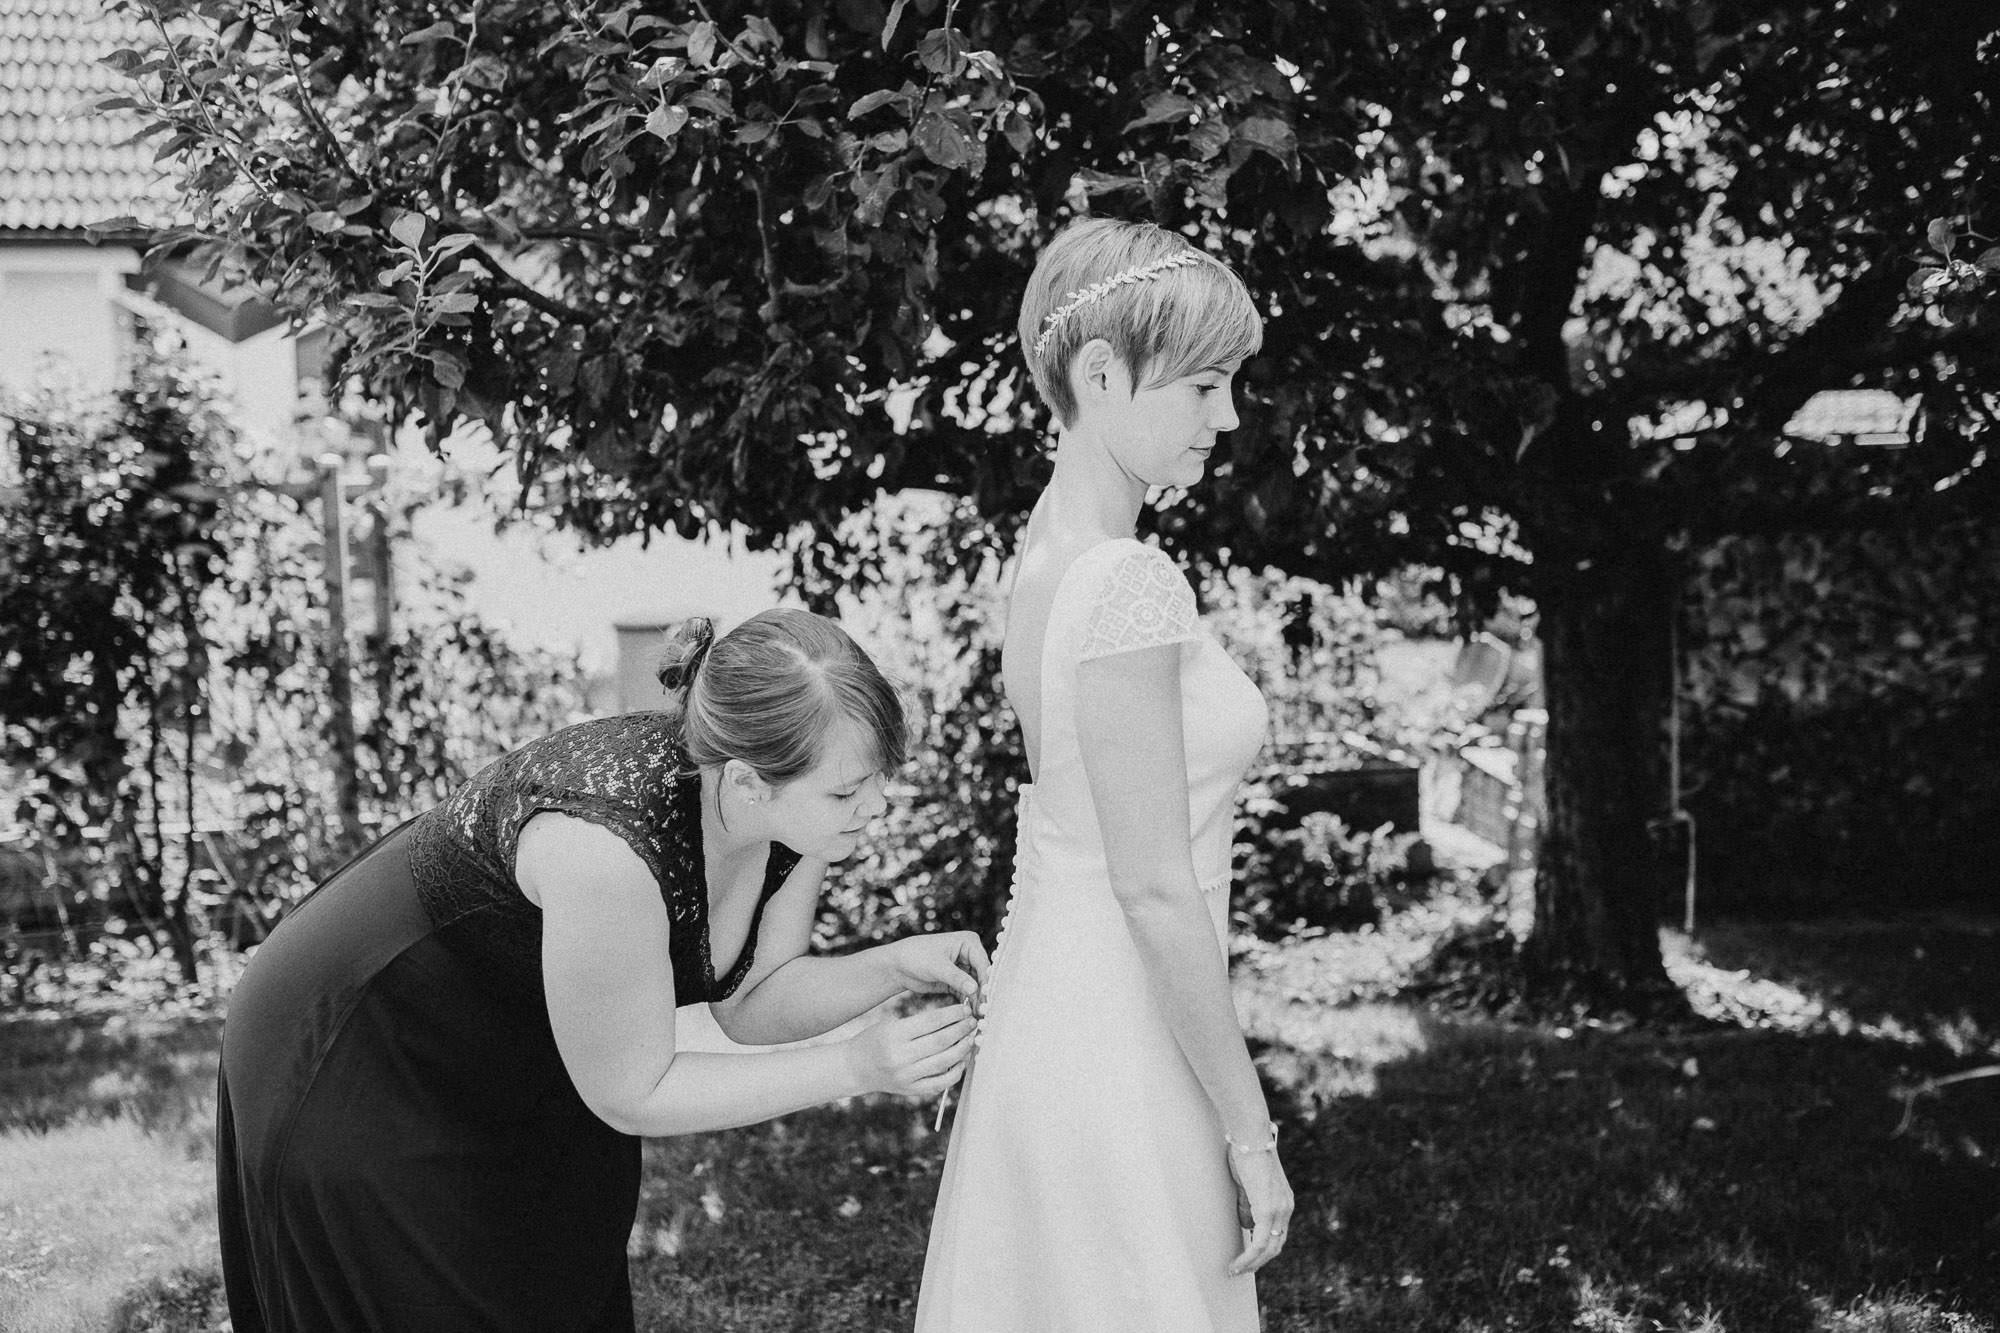 greenery-wedding-hochzeit-prielhof-sukkulenten-scheyern-lauraelenaphotography-010